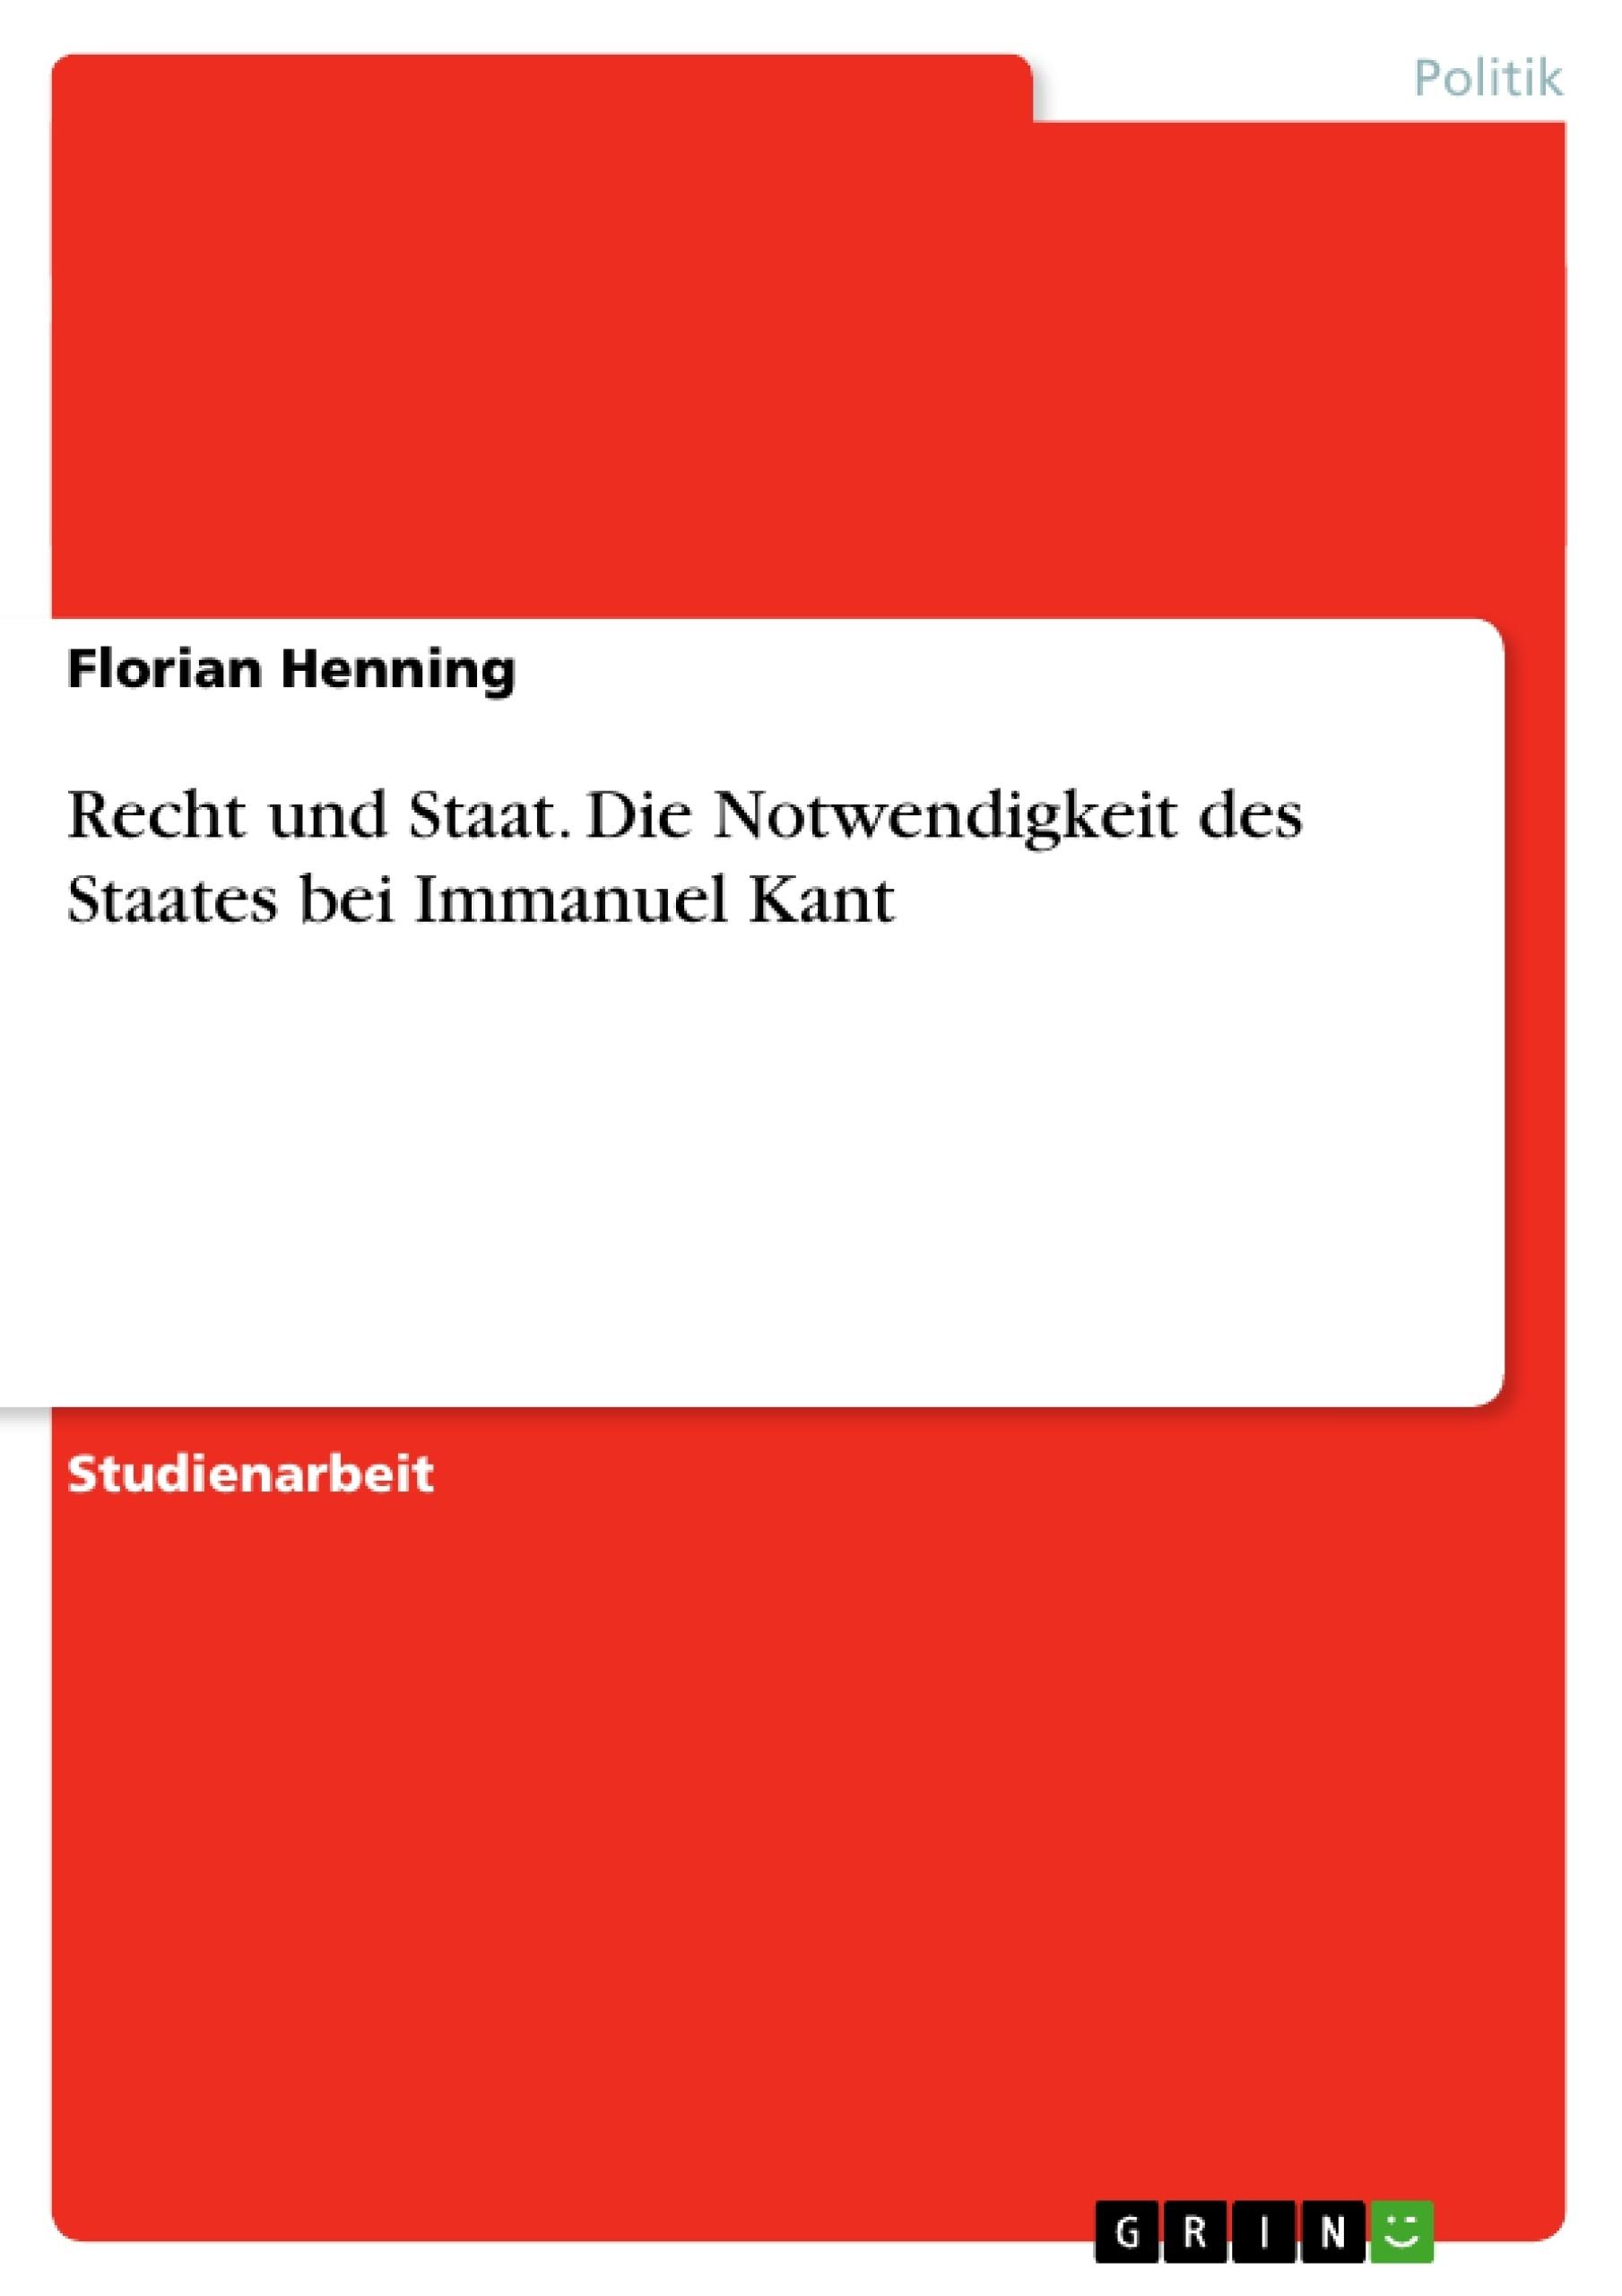 Titel: Recht und Staat. Die Notwendigkeit des Staates bei Immanuel Kant